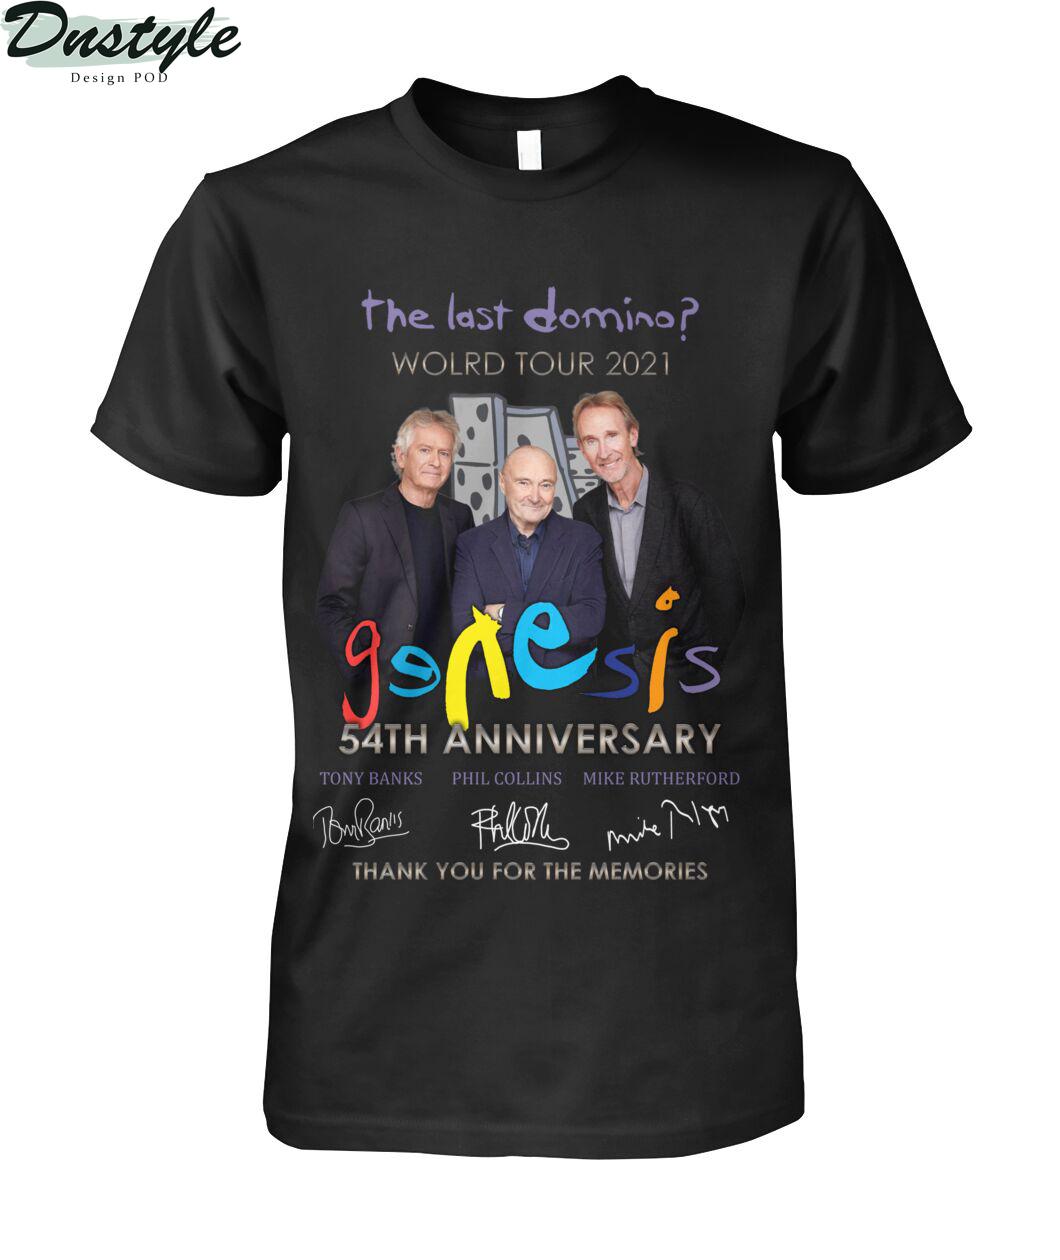 The last domino world tour 2021 Genesis 54th anniversary shirt